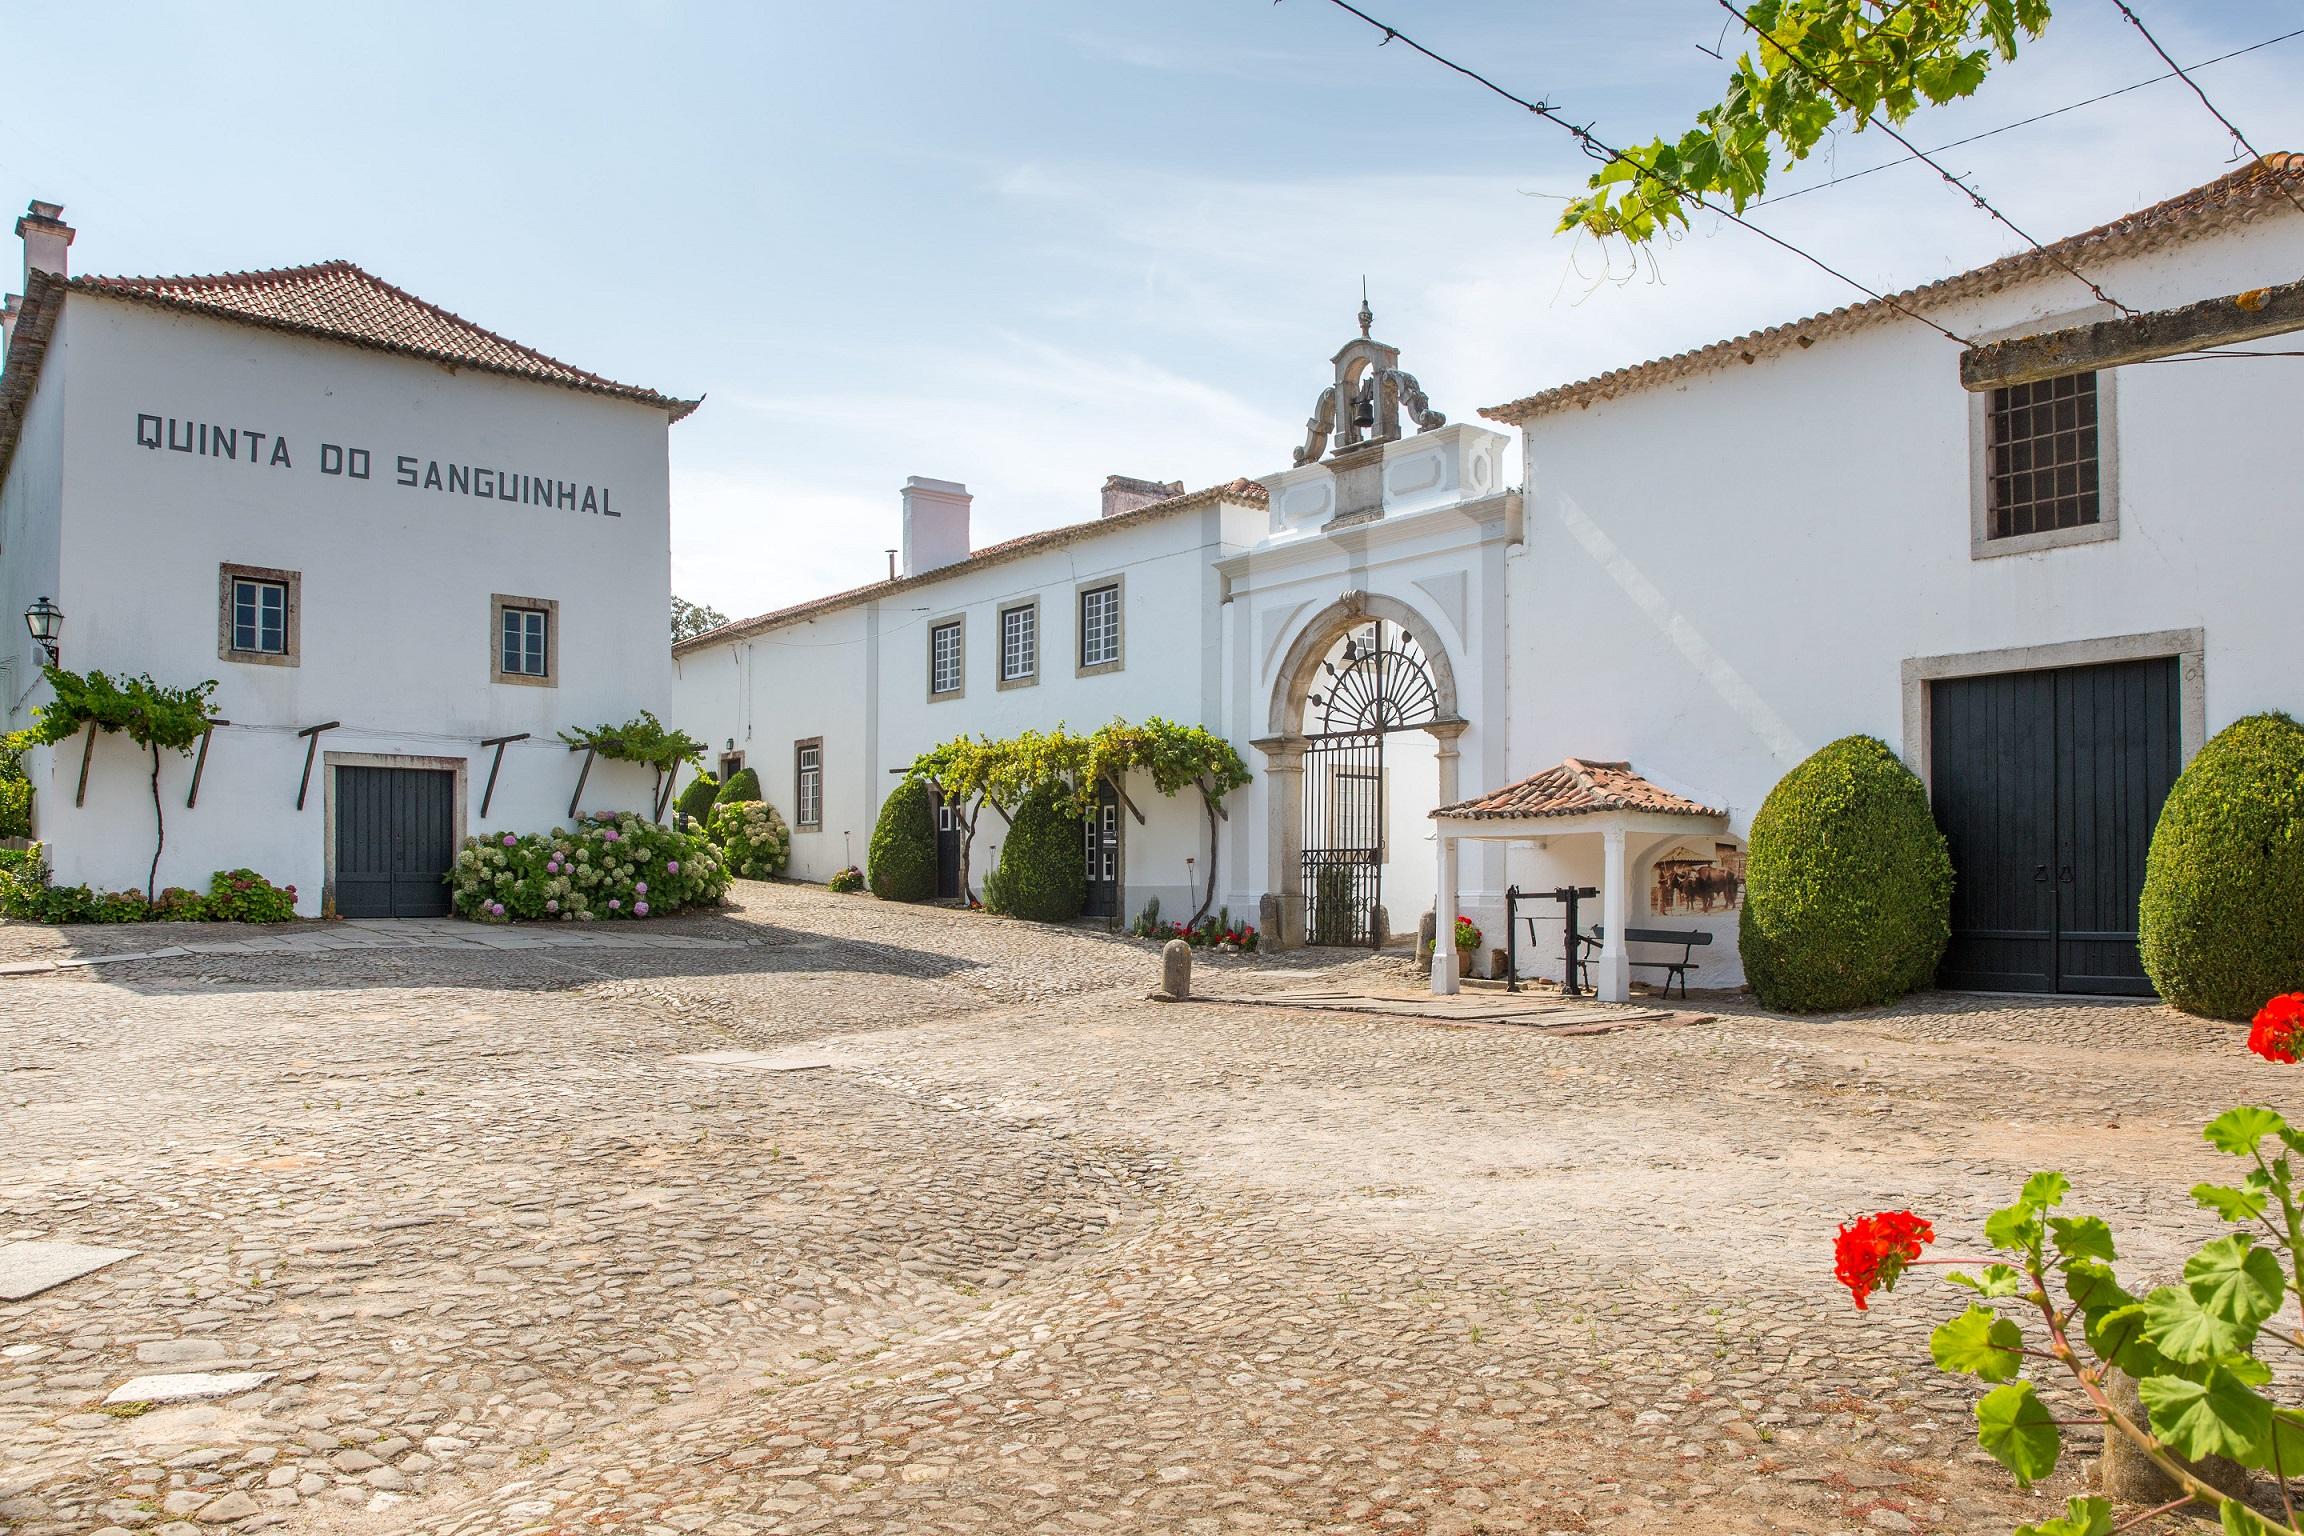 Quinta do Sanguinhal - Visita & Prova de Vinhos